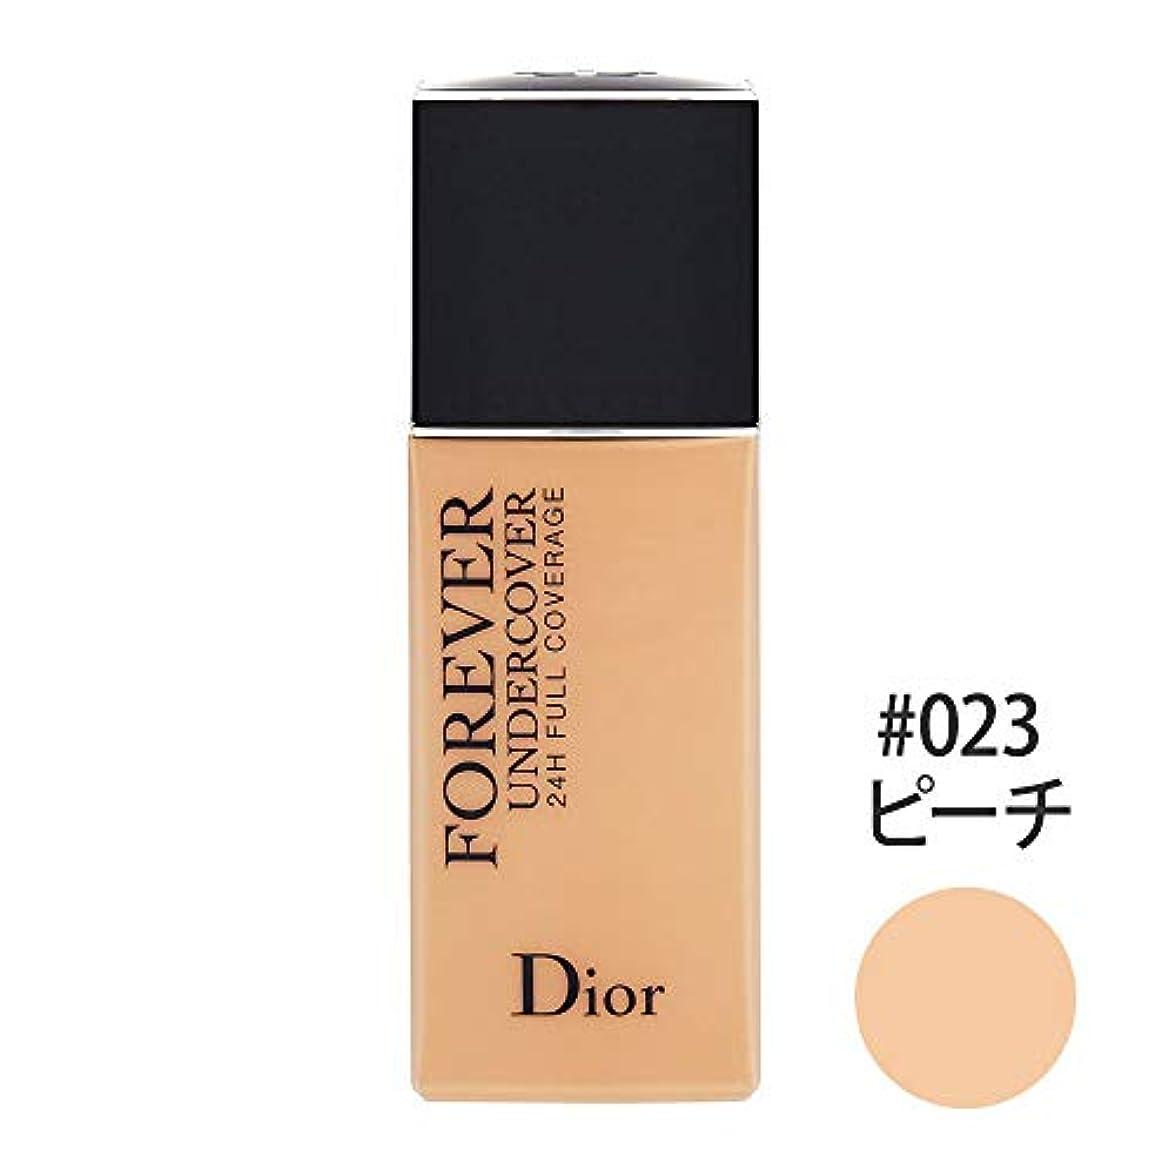 ゆでる家庭かすれたディオール(Dior) ディオールスキン フォーエヴァー アンダーカバー #023(ピーチ) 40ml [並行輸入品]